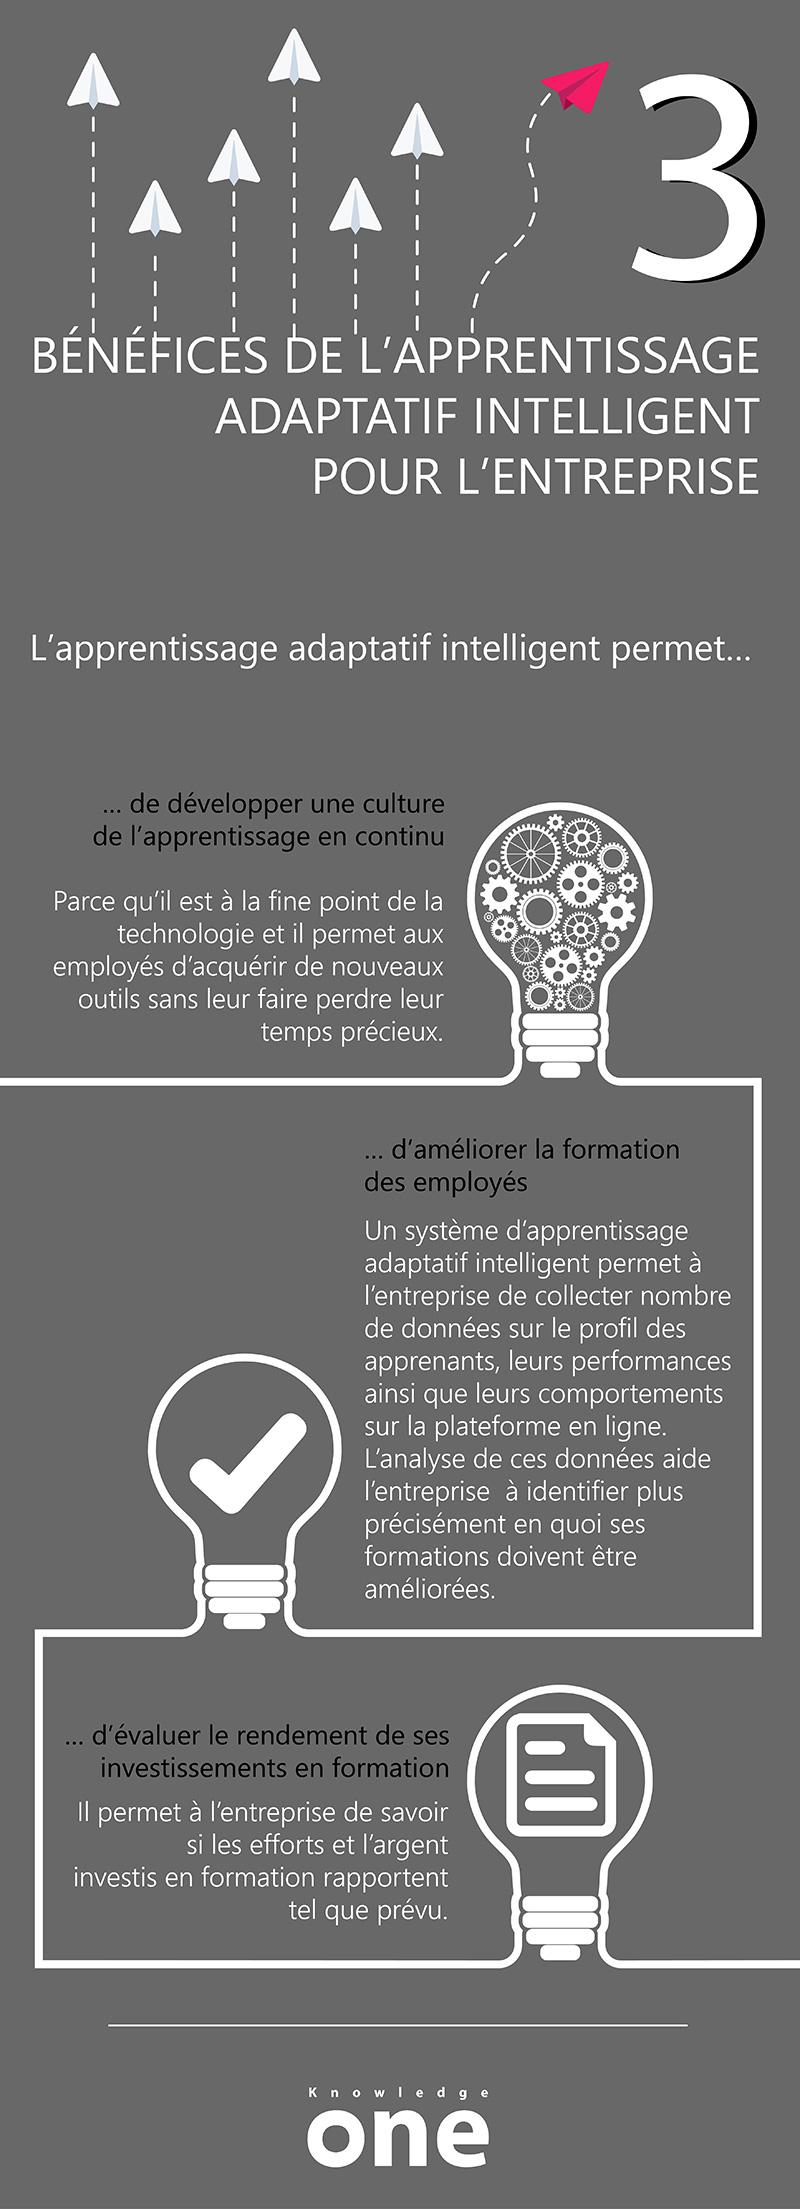 Infographie avec 3 bénéfices de l'apprentissage adaptatif intelligent pour l'entreprise